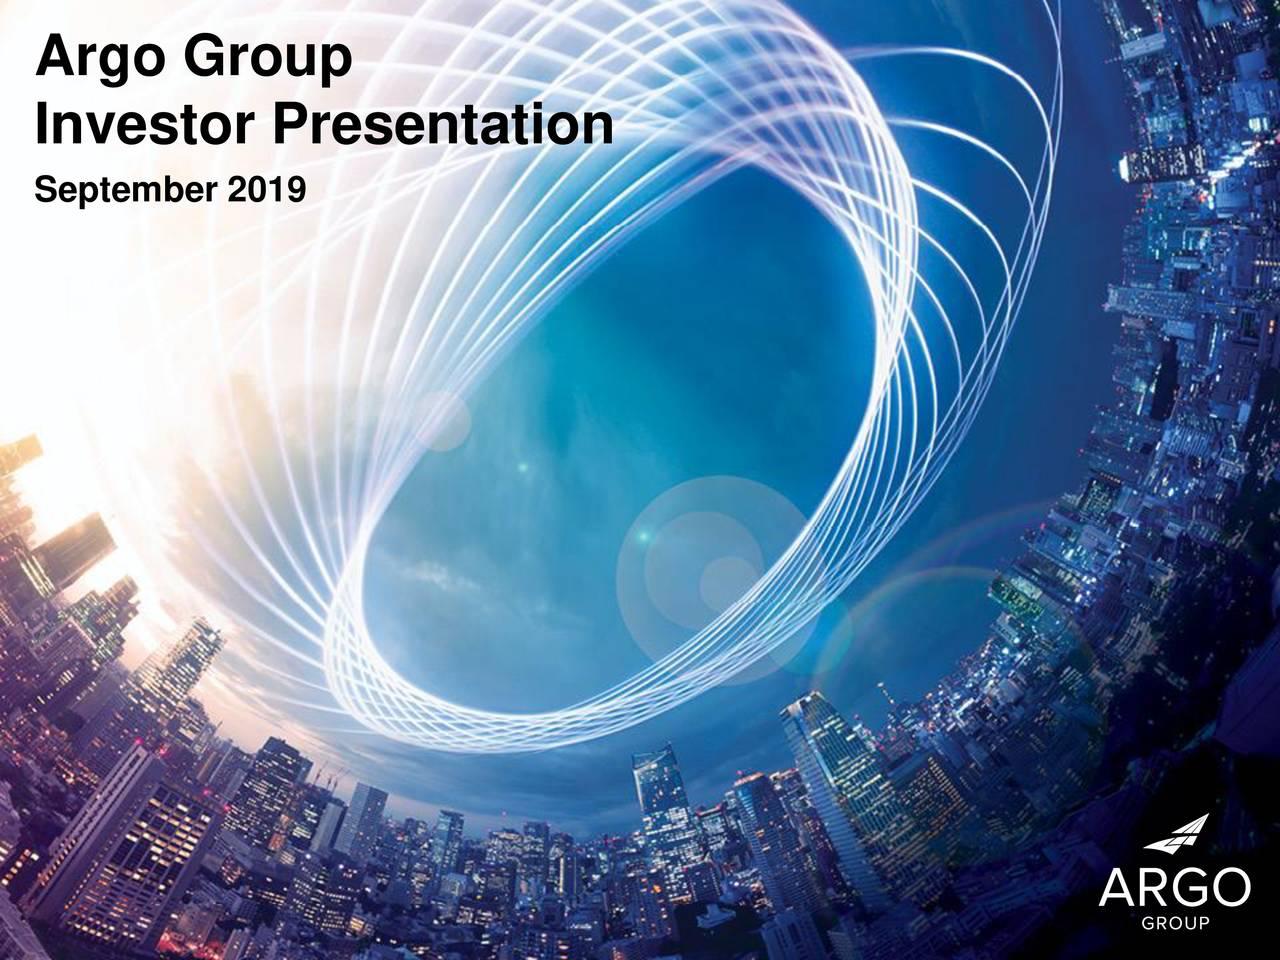 Argo Group (ARGO) Investor Presentation - Slideshow